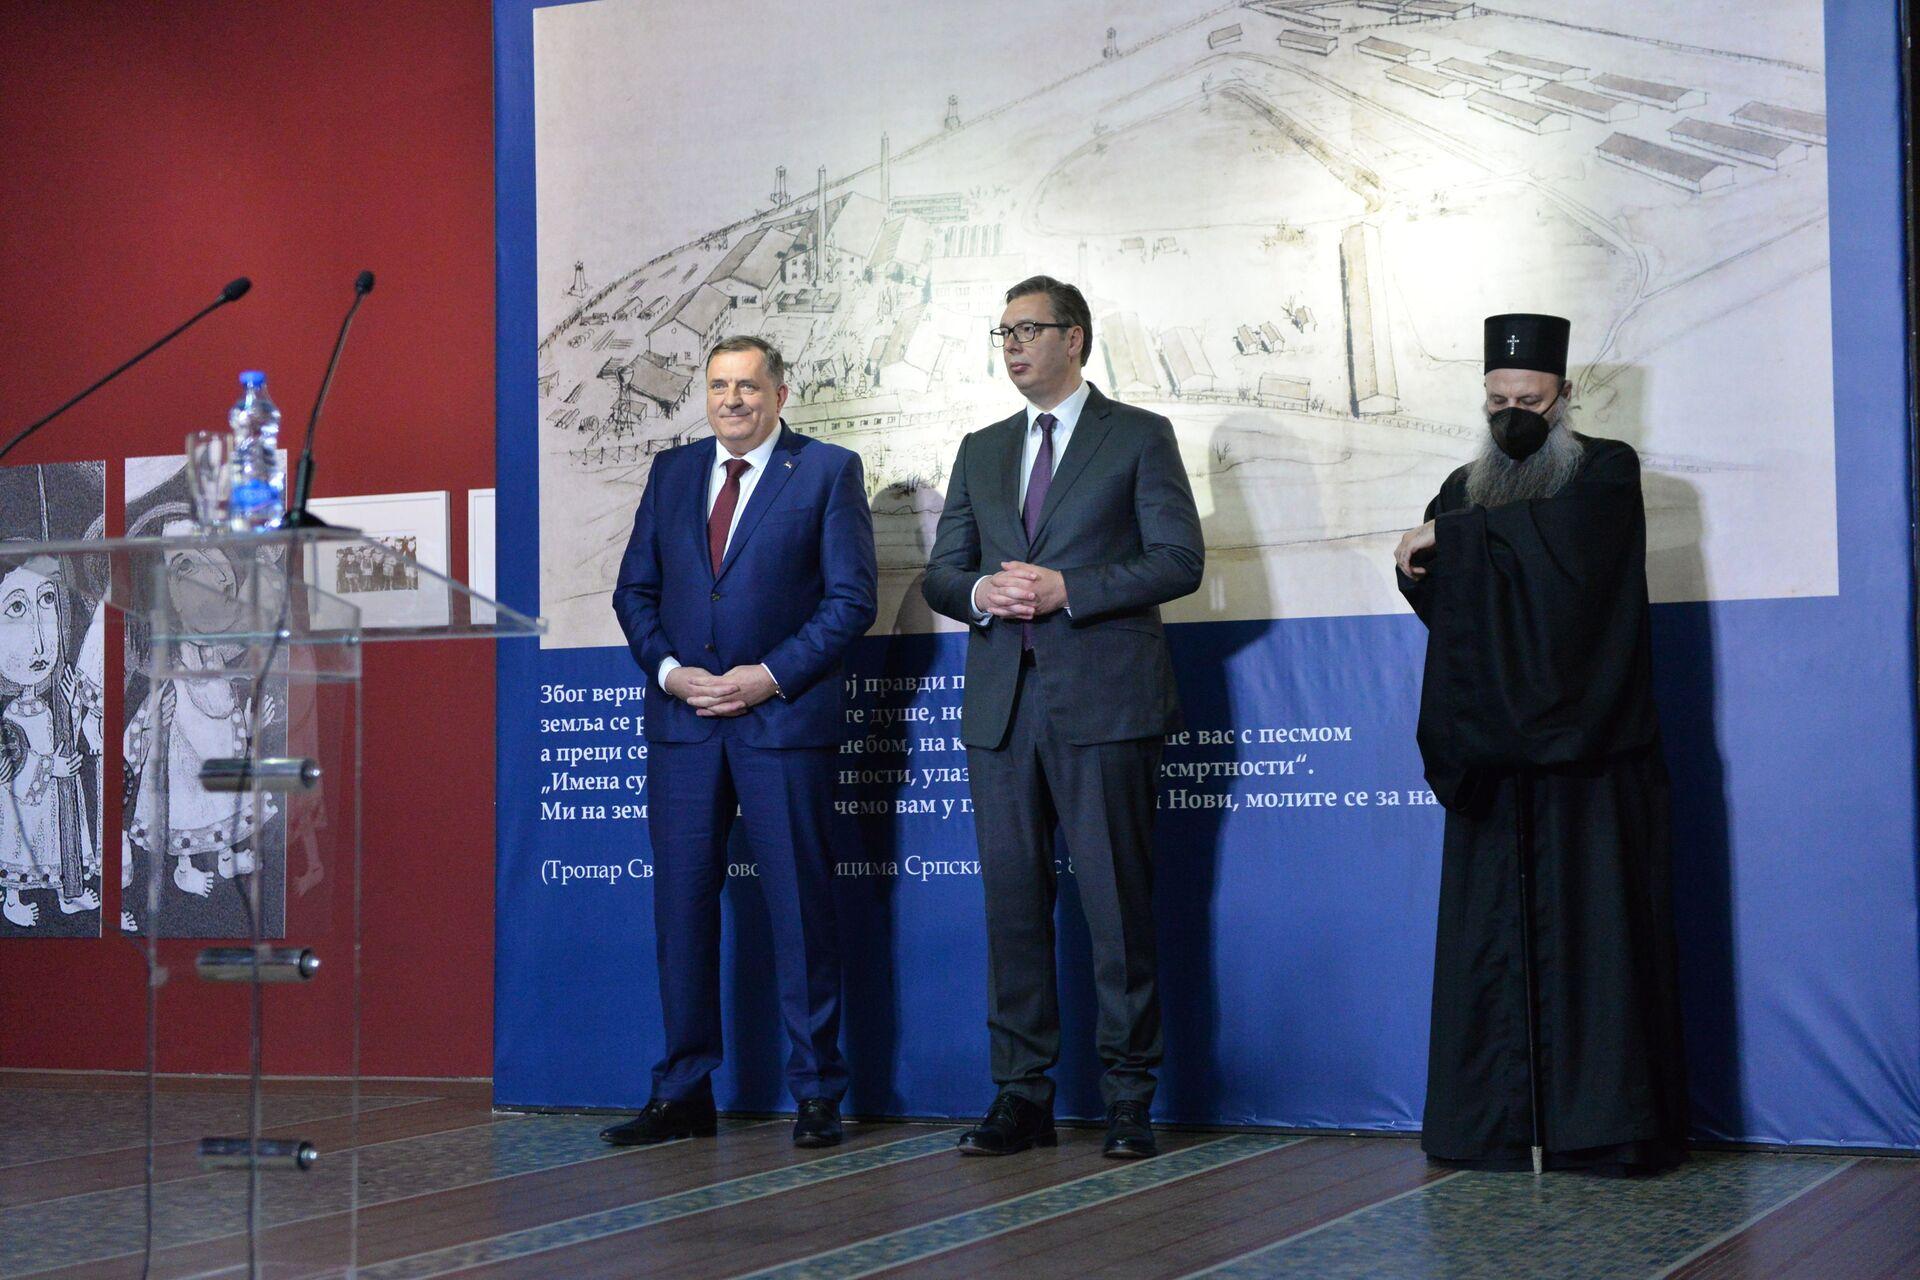 Vučić: Srpski narod pobeđivaće i u budućnosti - Sputnik Srbija, 1920, 22.04.2021